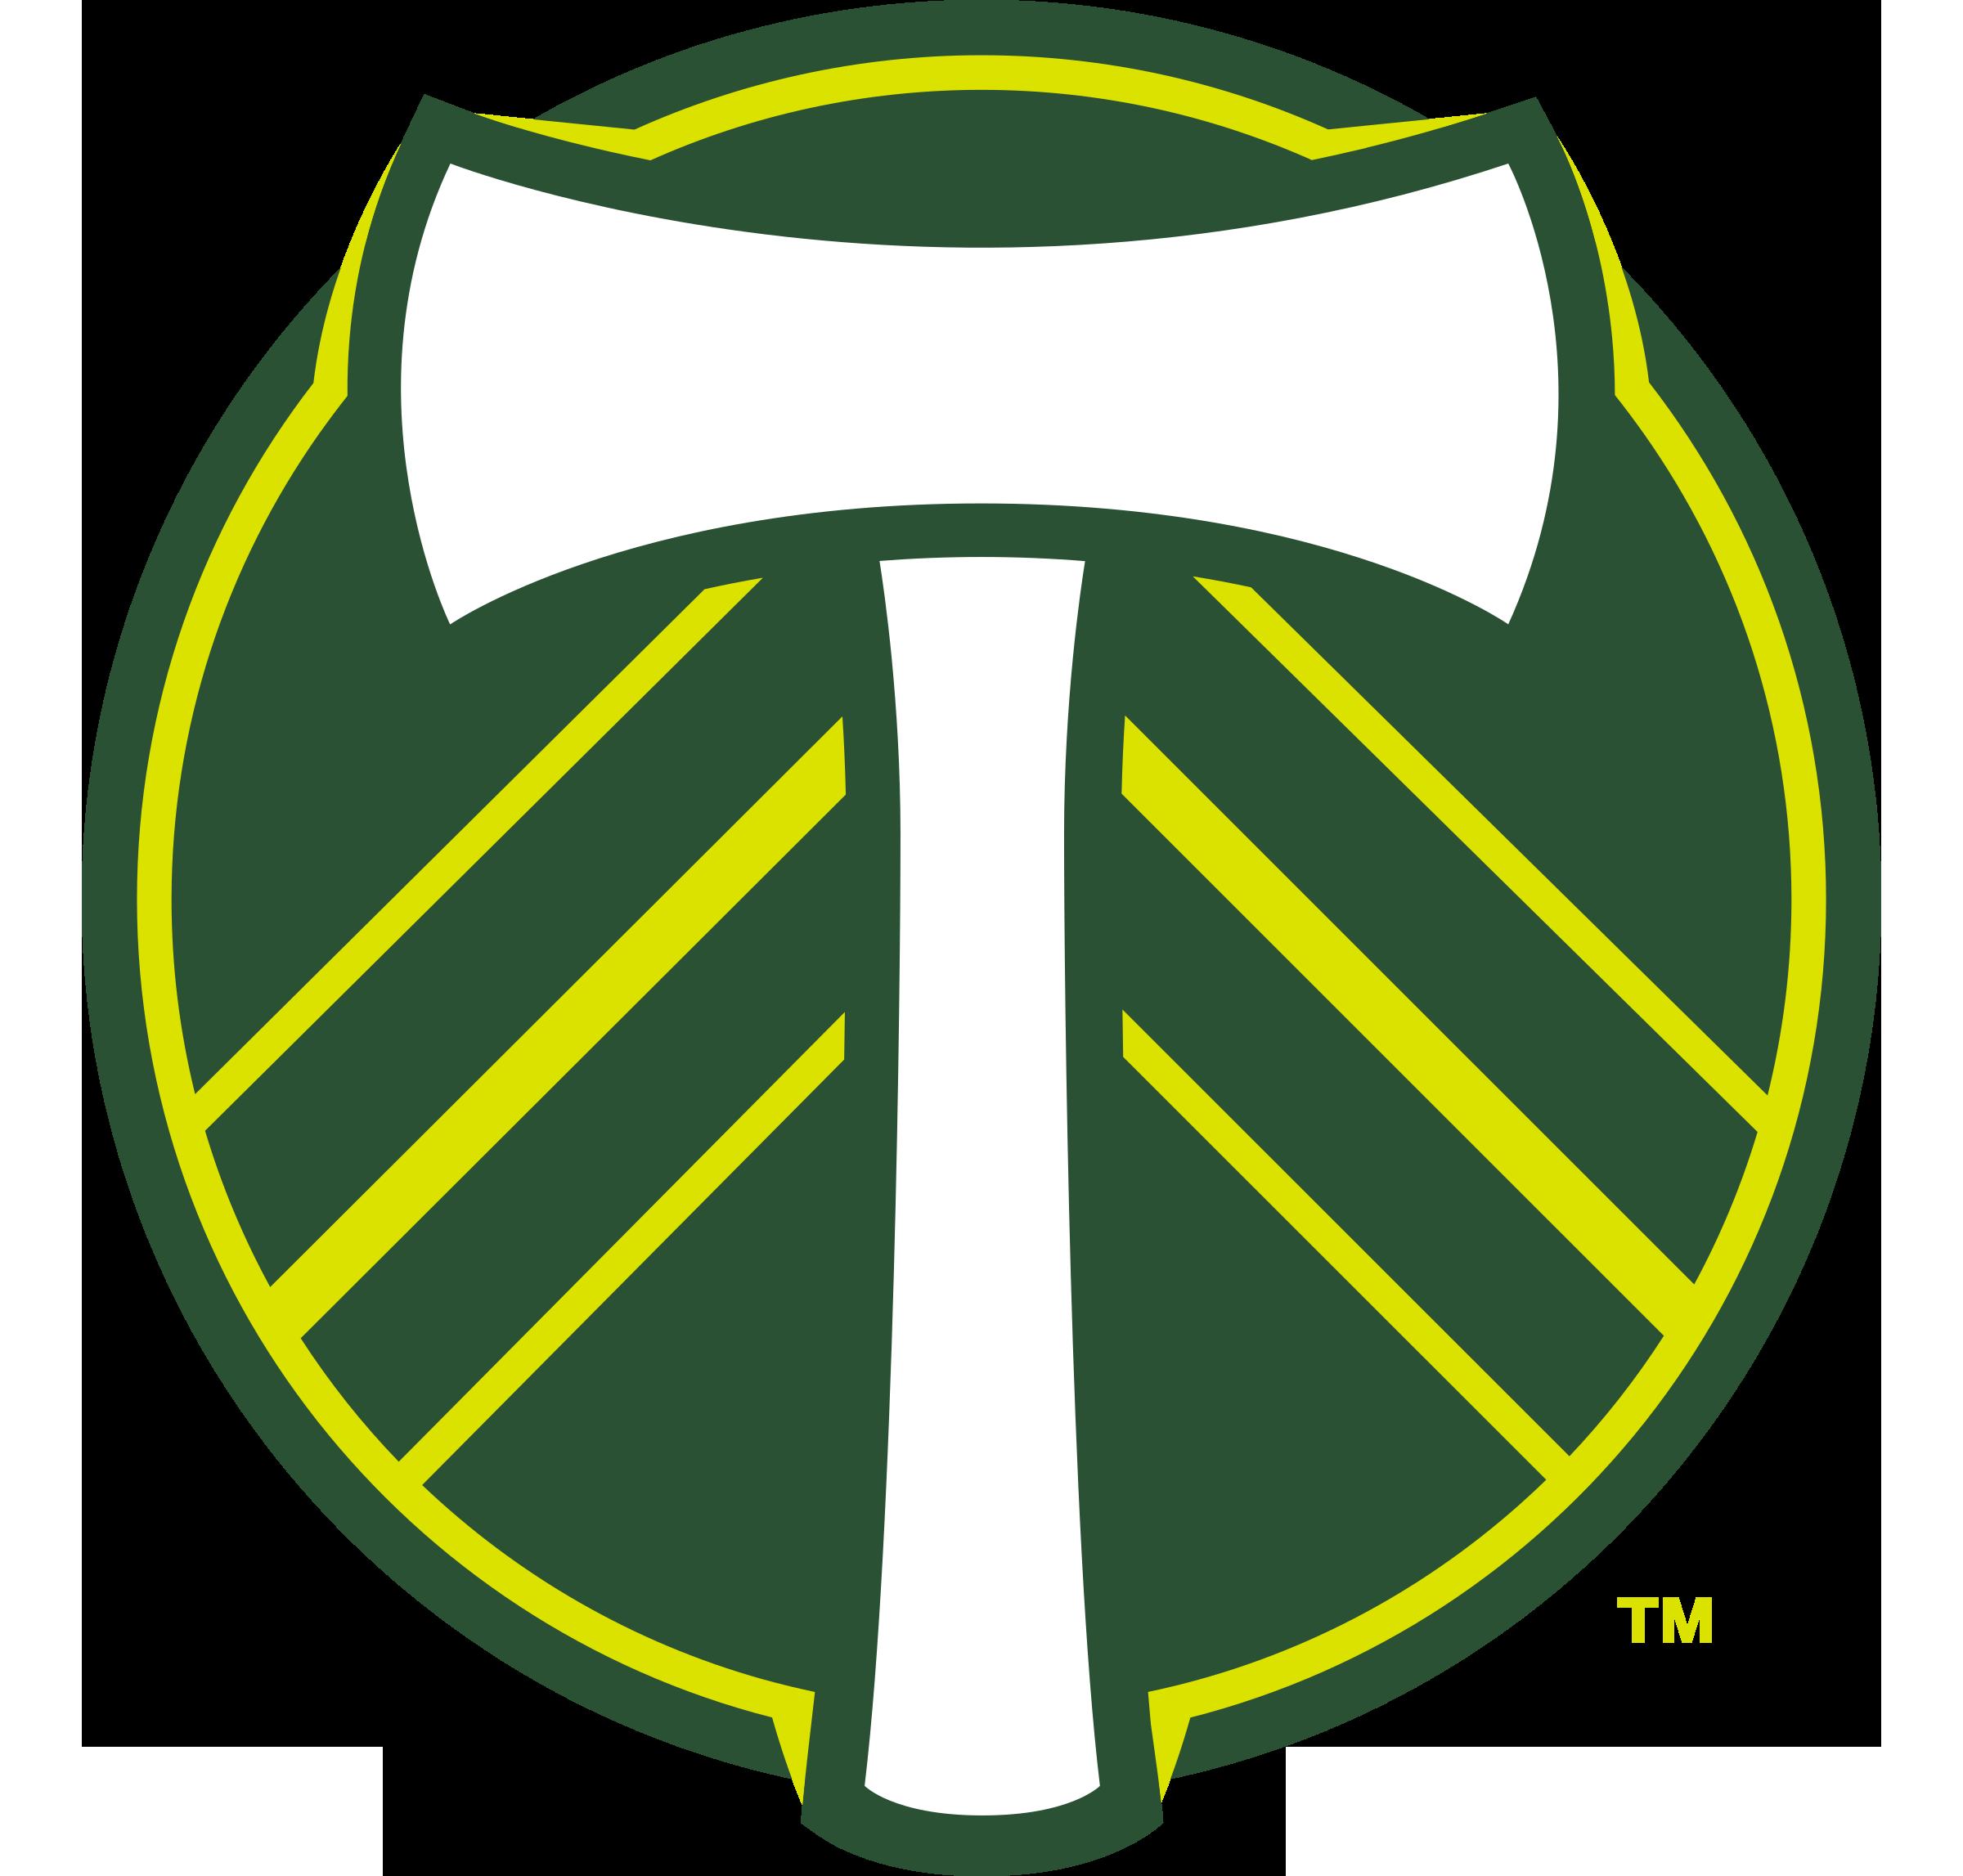 portland-timbers-logo-transparent.png